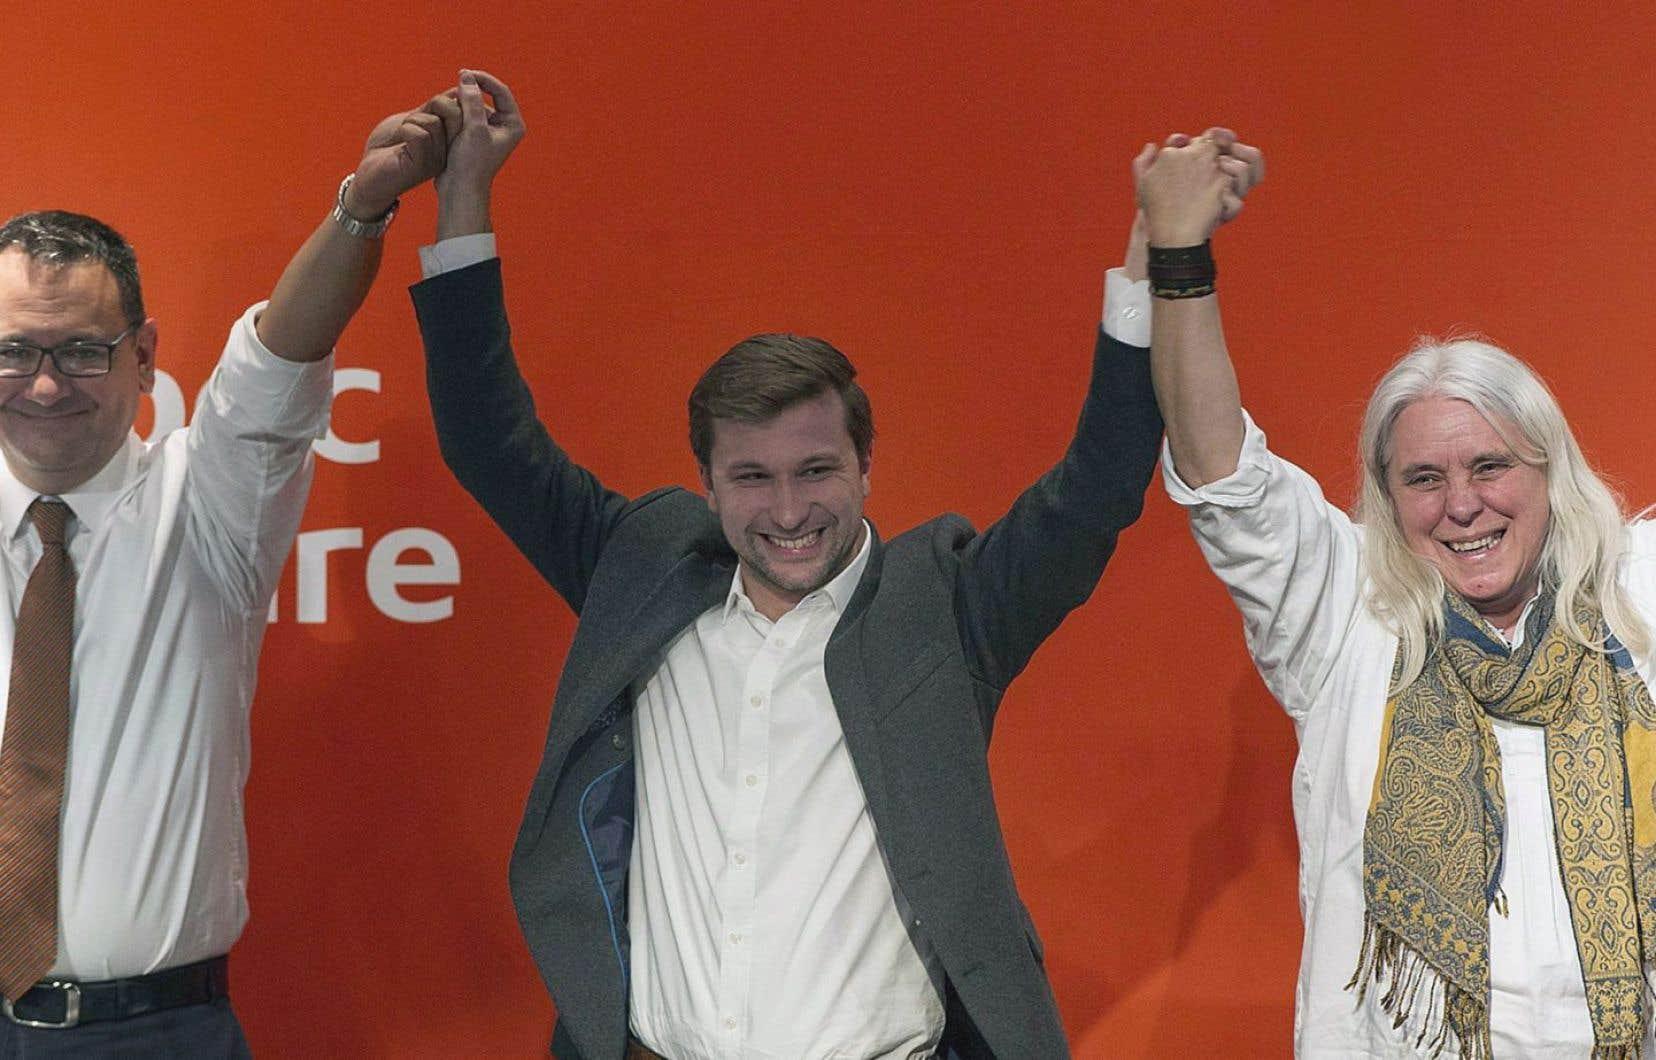 De gauche à droite, l'ex-co-porte-parole de Québec solidiaire, Andrés Fontecilla en compagnie des deux nouveaux représentants du parti, Gabriel Nadeau-Dubois et Manon Massé